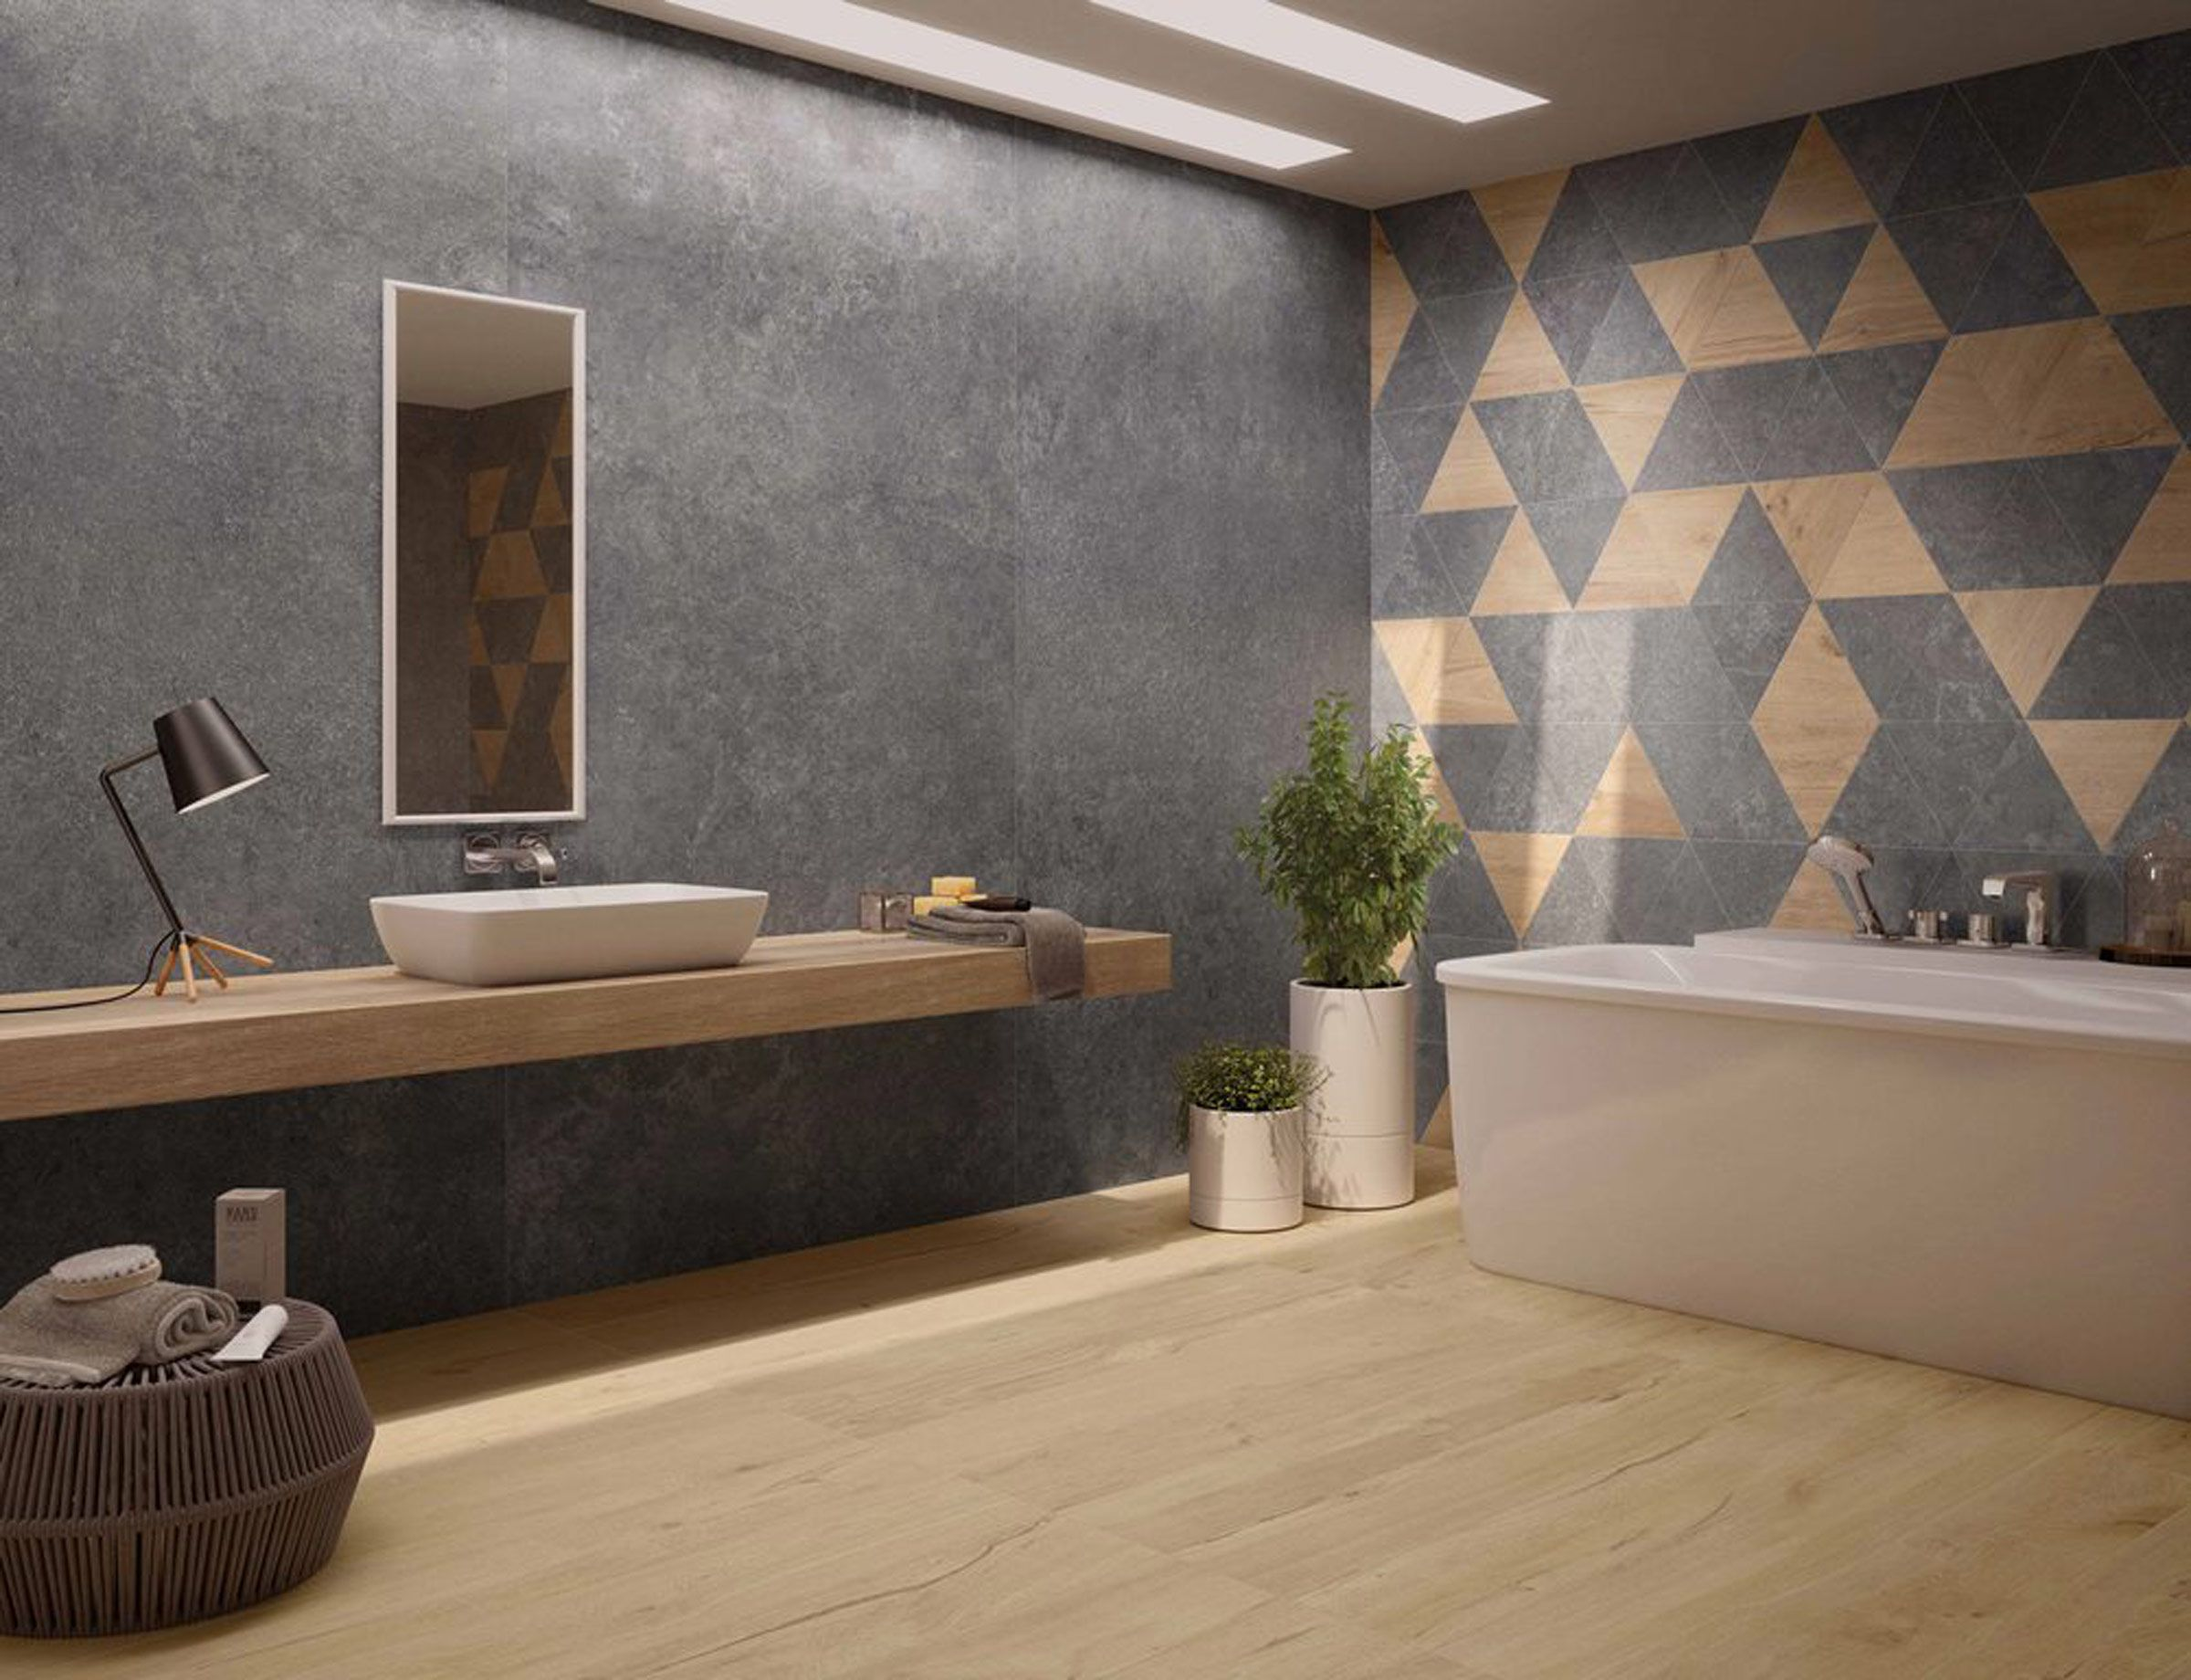 holzoptik sorgt für einen modernen style im badezimmer